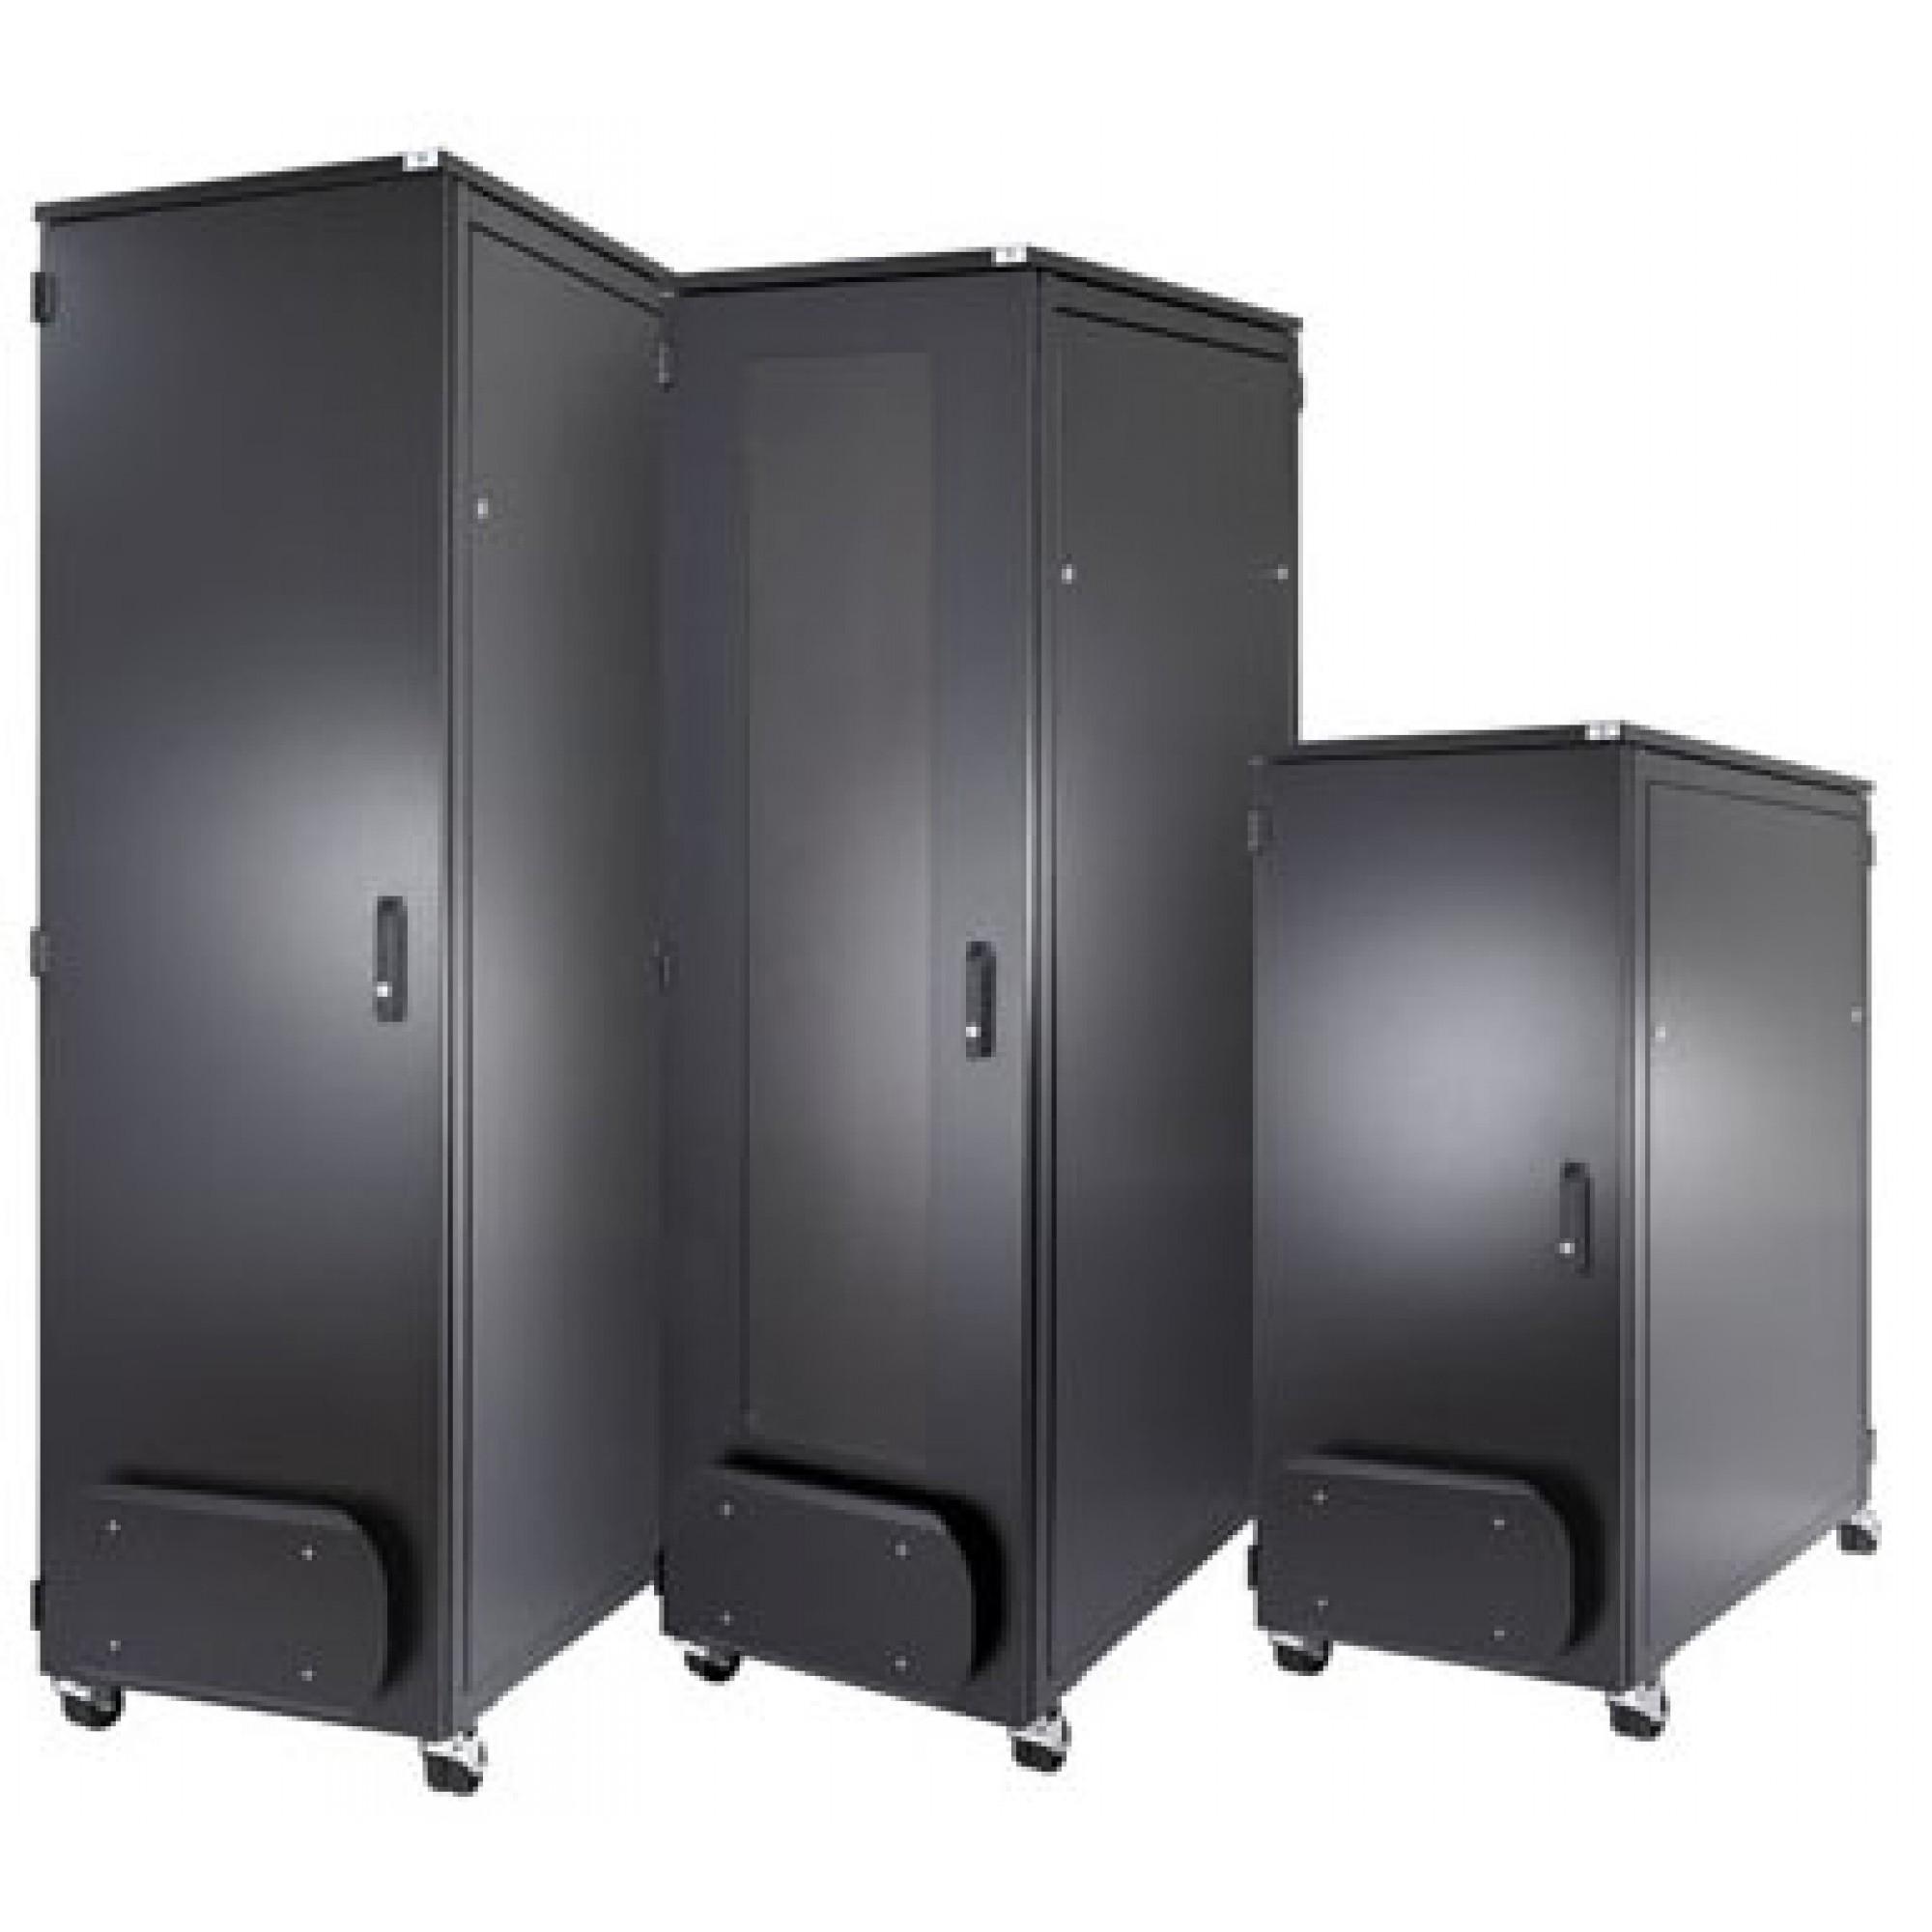 ABNET Cabinet 27U-1000, gồm 2 quạt, 1 ổ cắm 6 Outle 27U1000